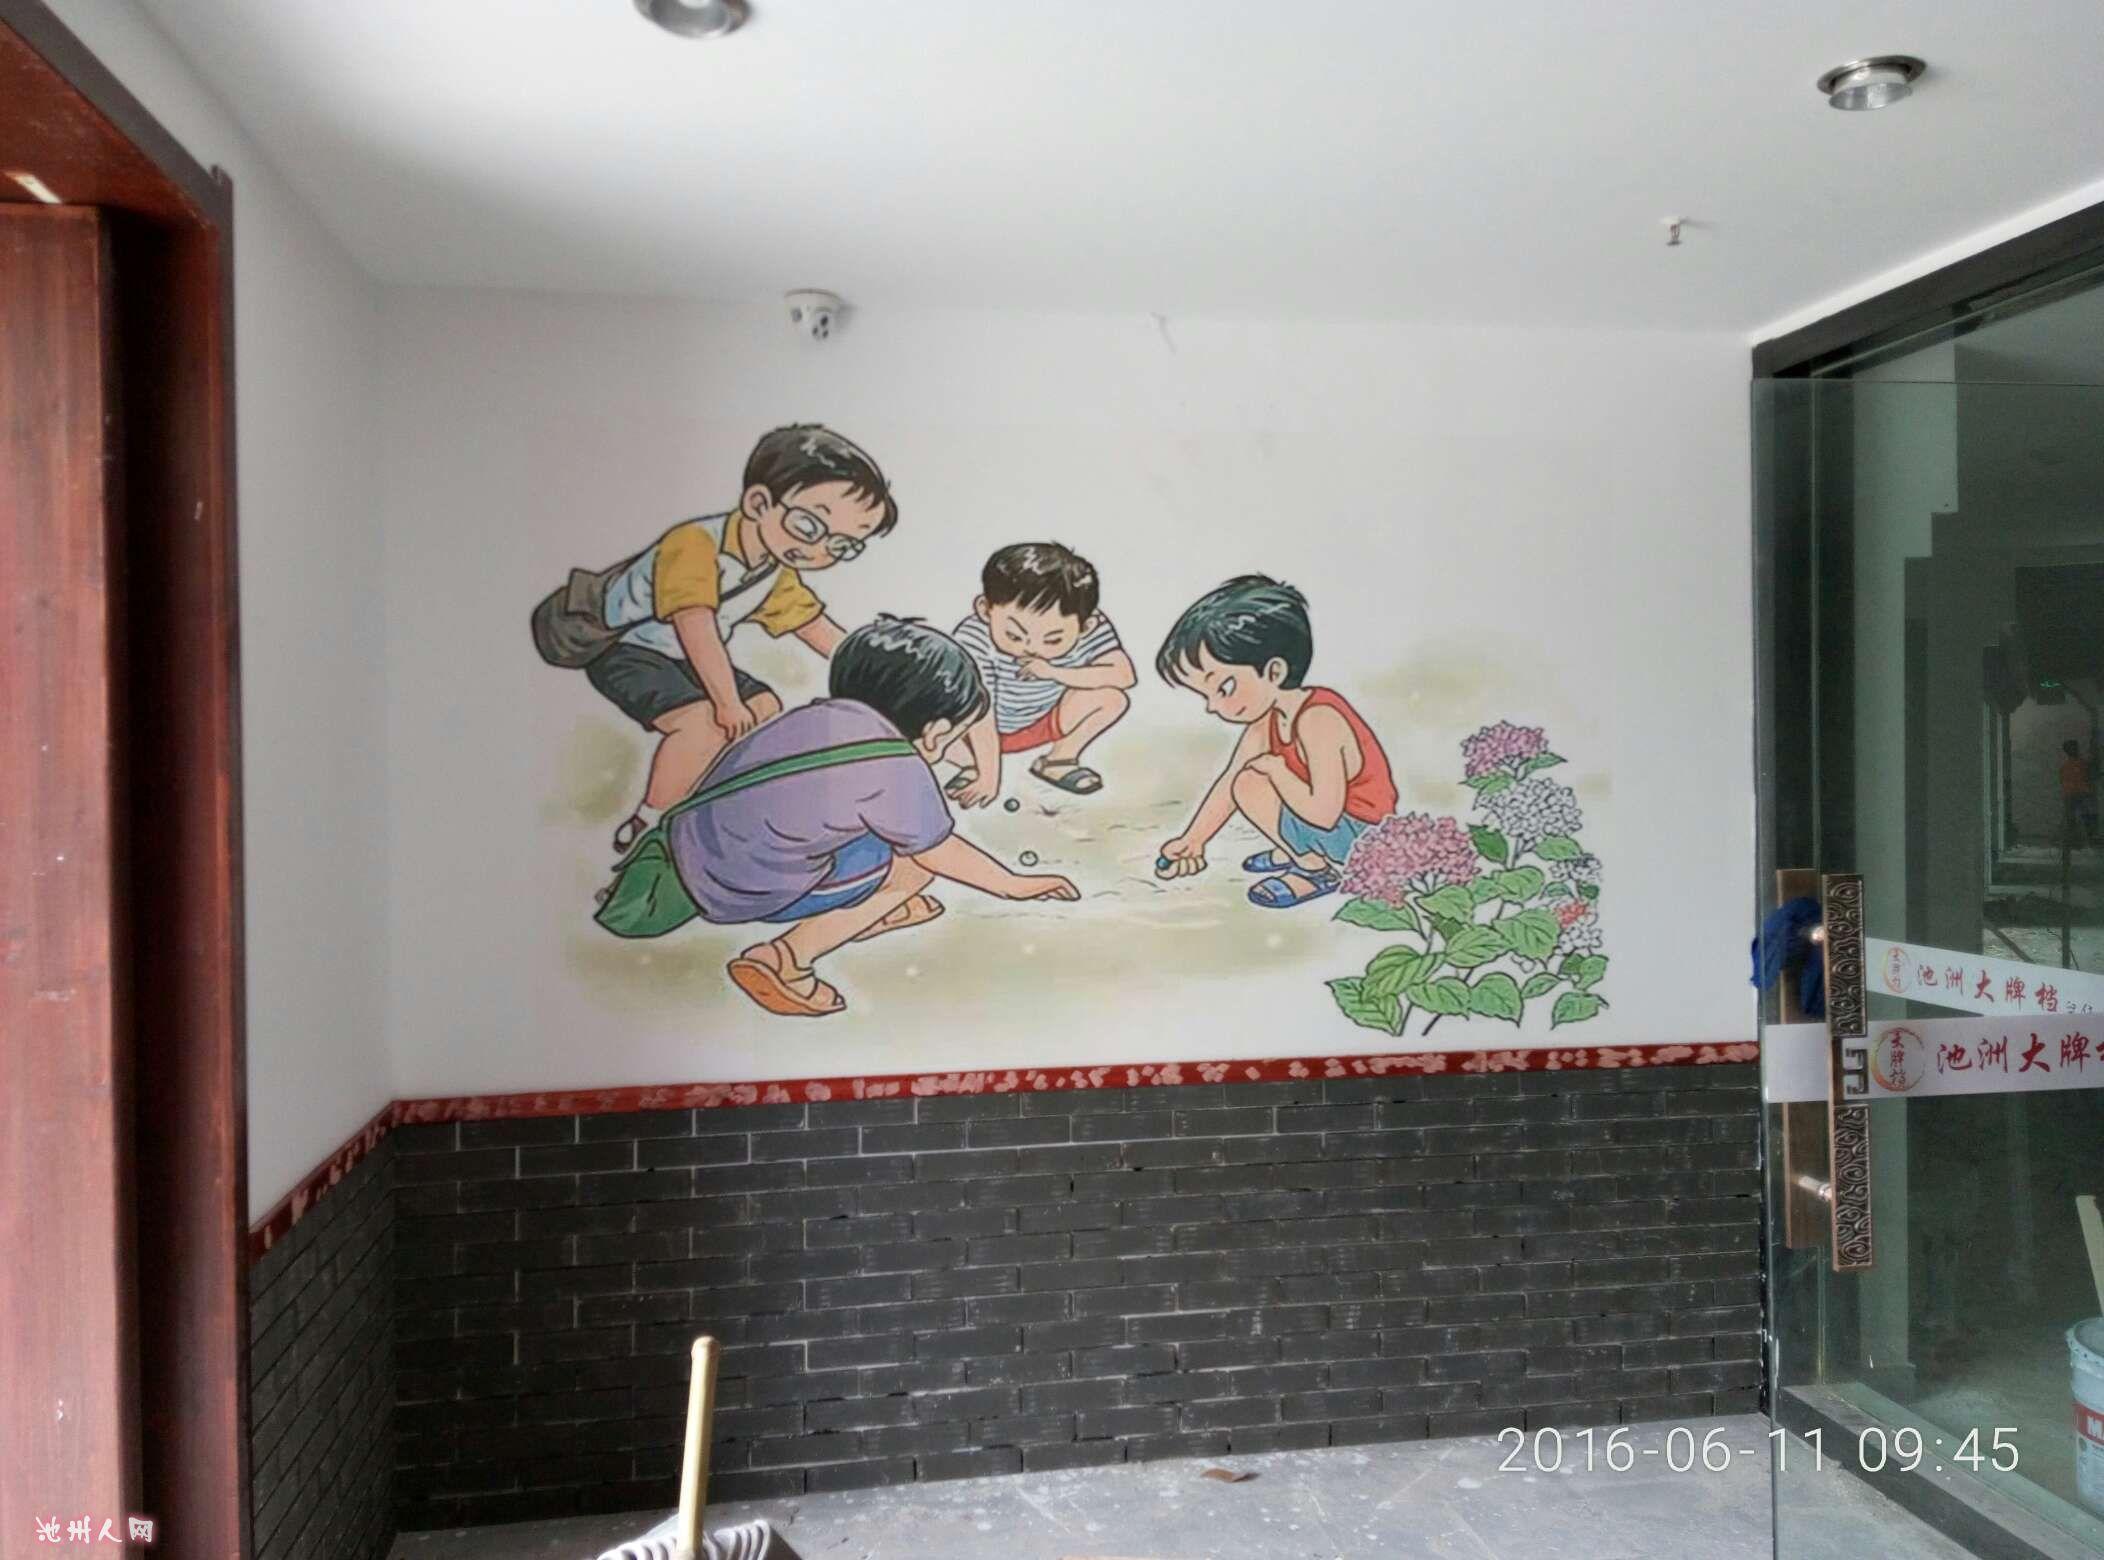 墙体彩绘真不错